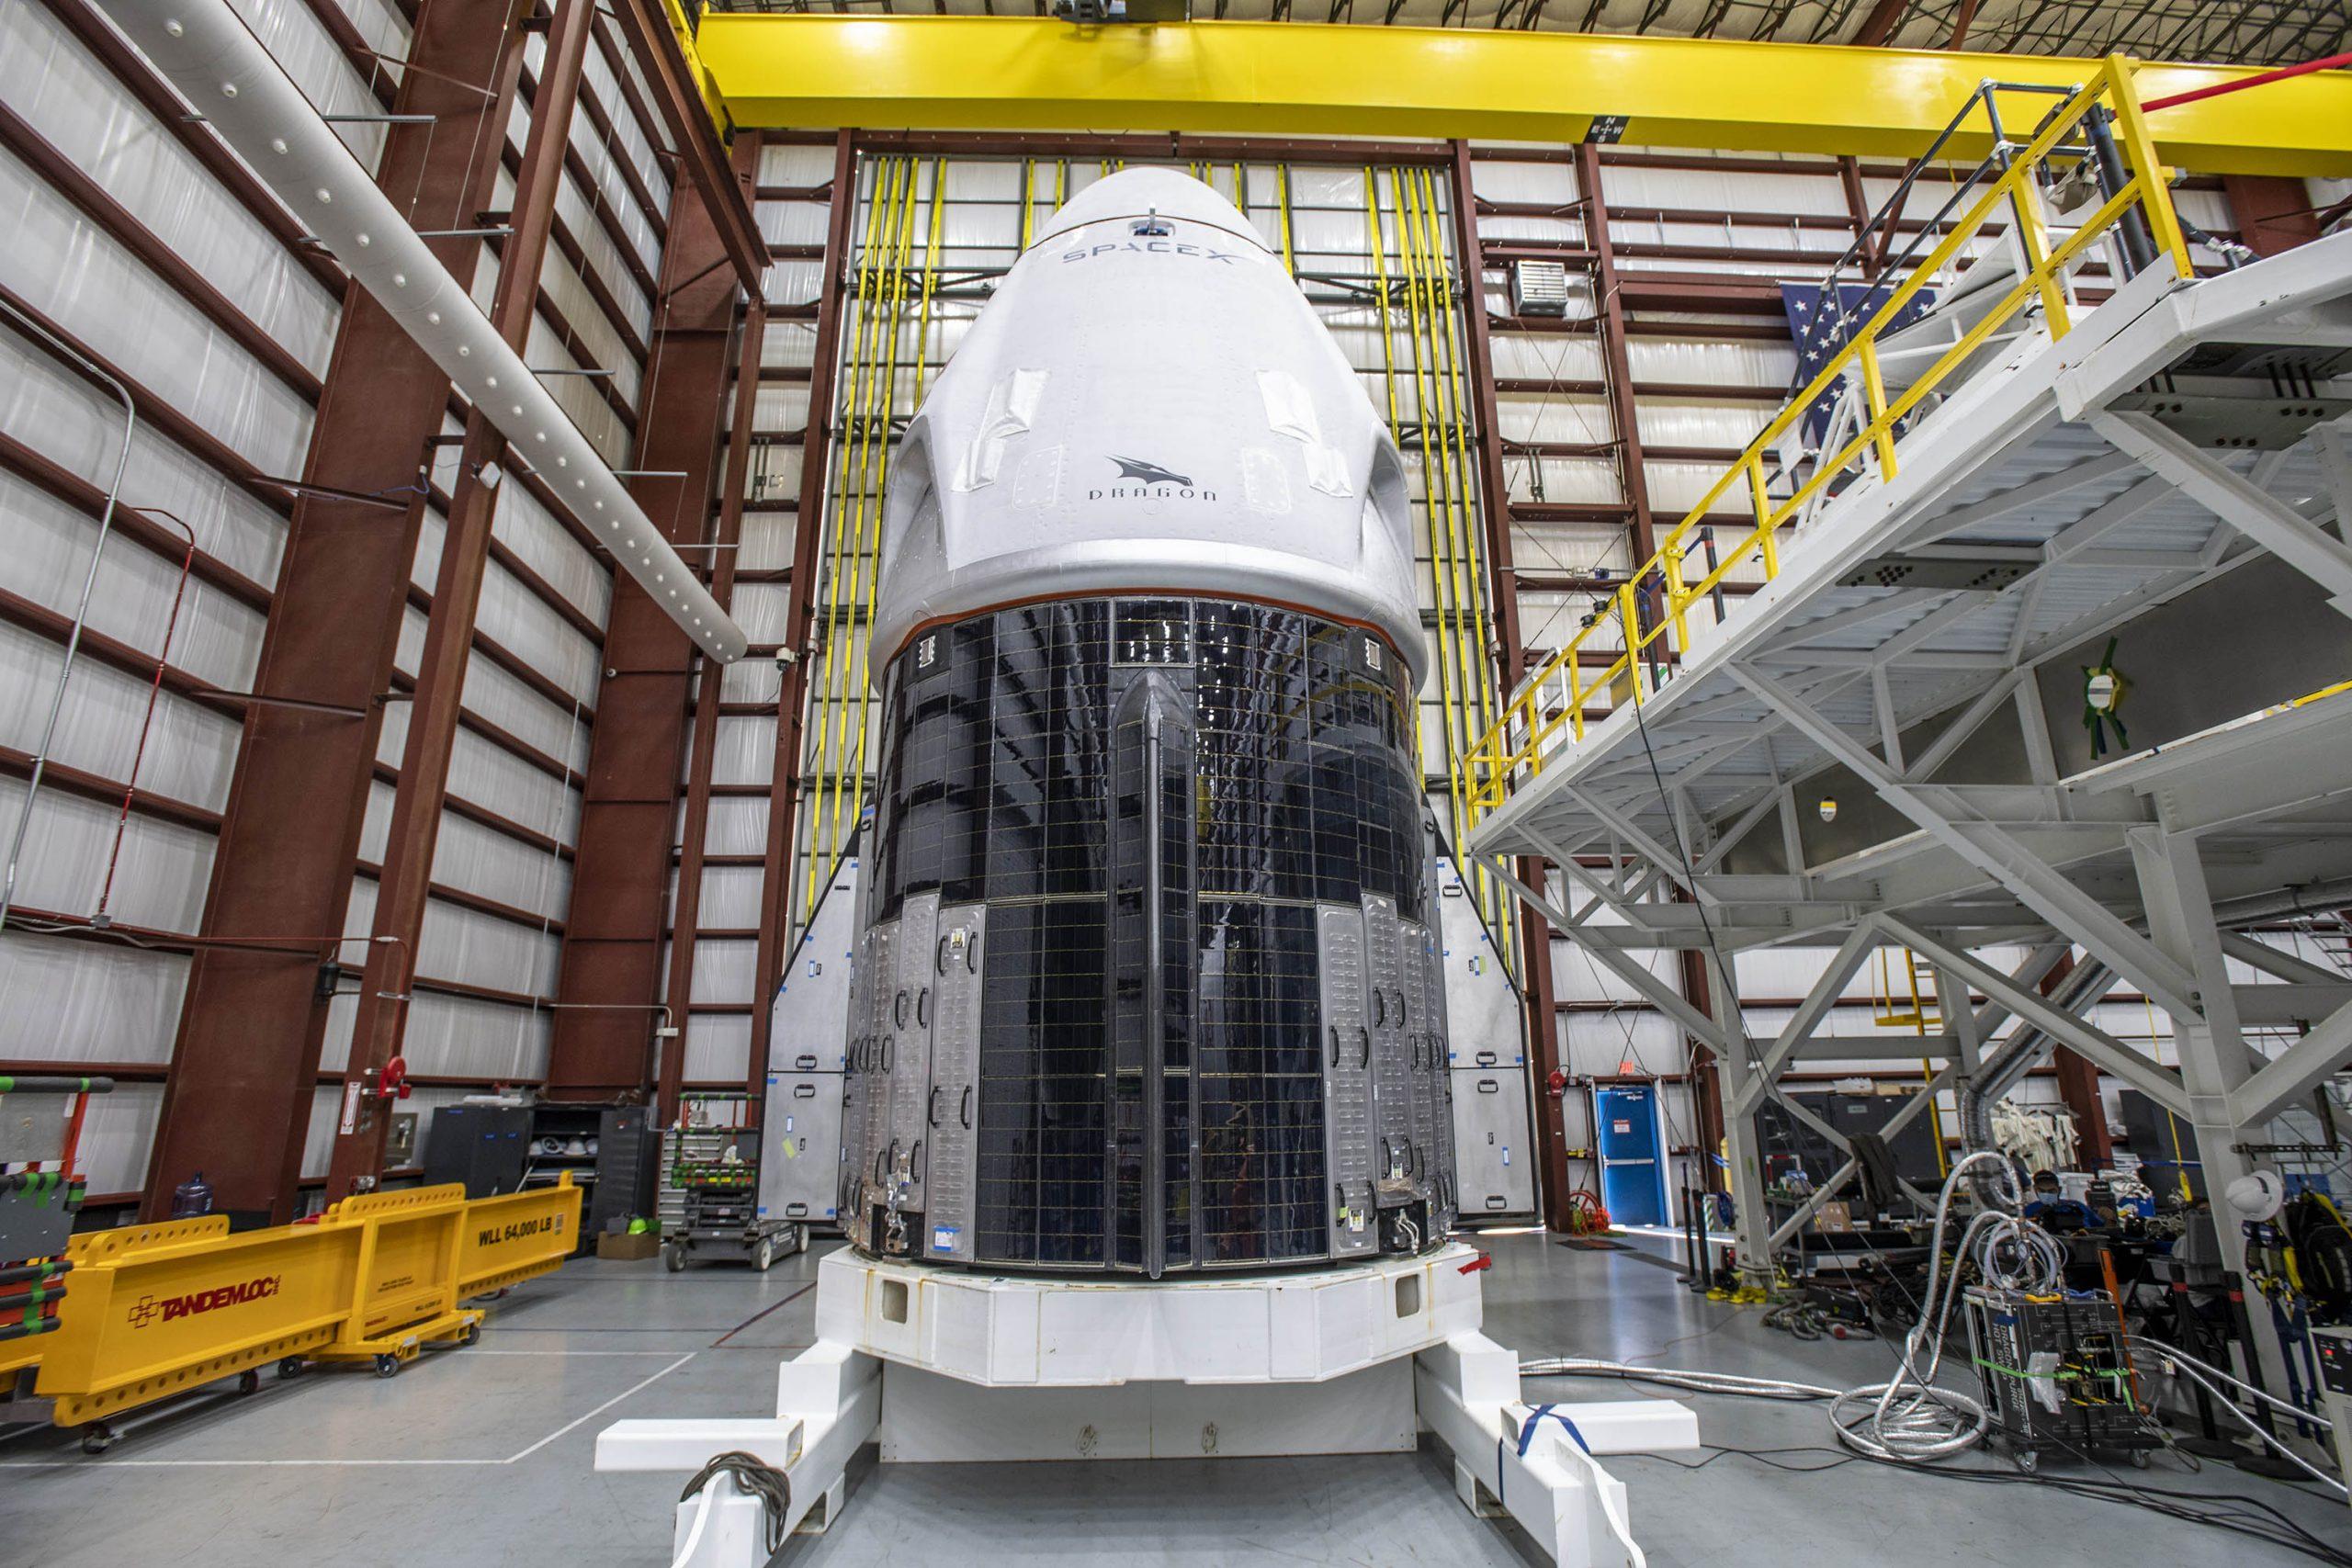 Le vaisseau spatial Crew-1 Crew Dragon de SpaceX lancera le premier vol d'équipage commercial opérationnel pour la NASA le 14 novembre 2020.